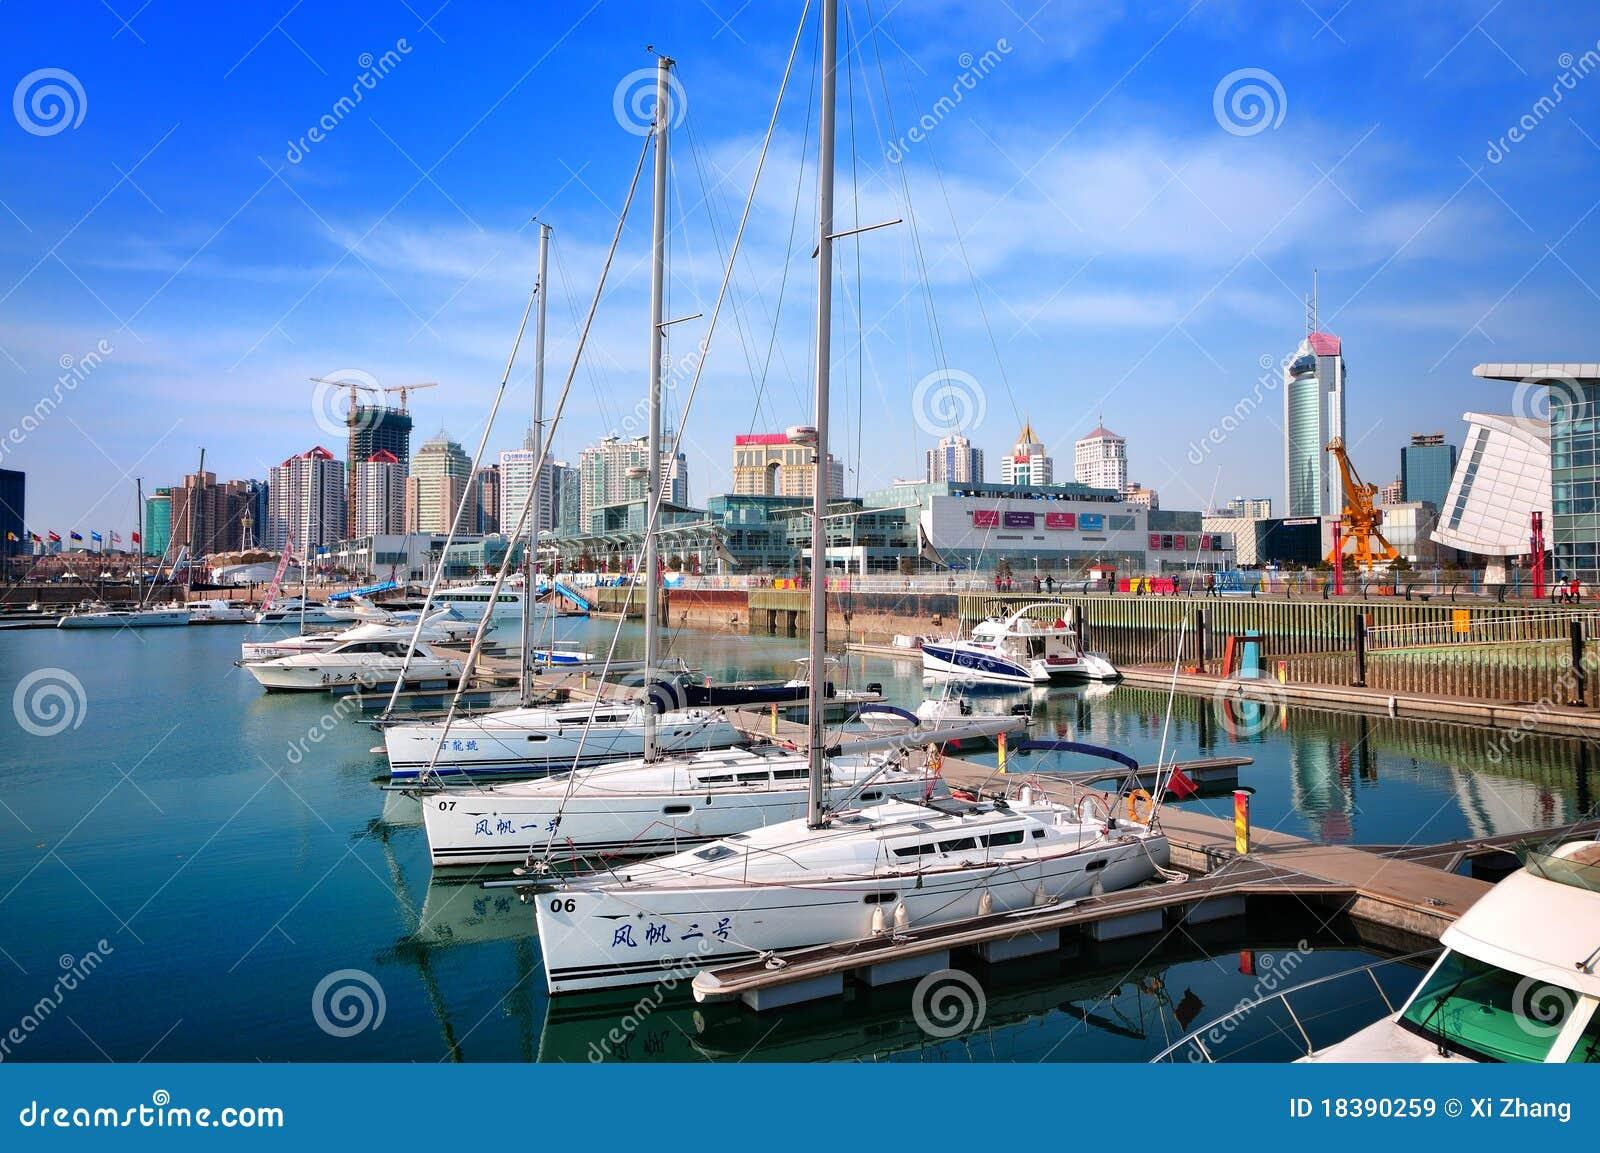 瓷城市海滨广场青岛游艇